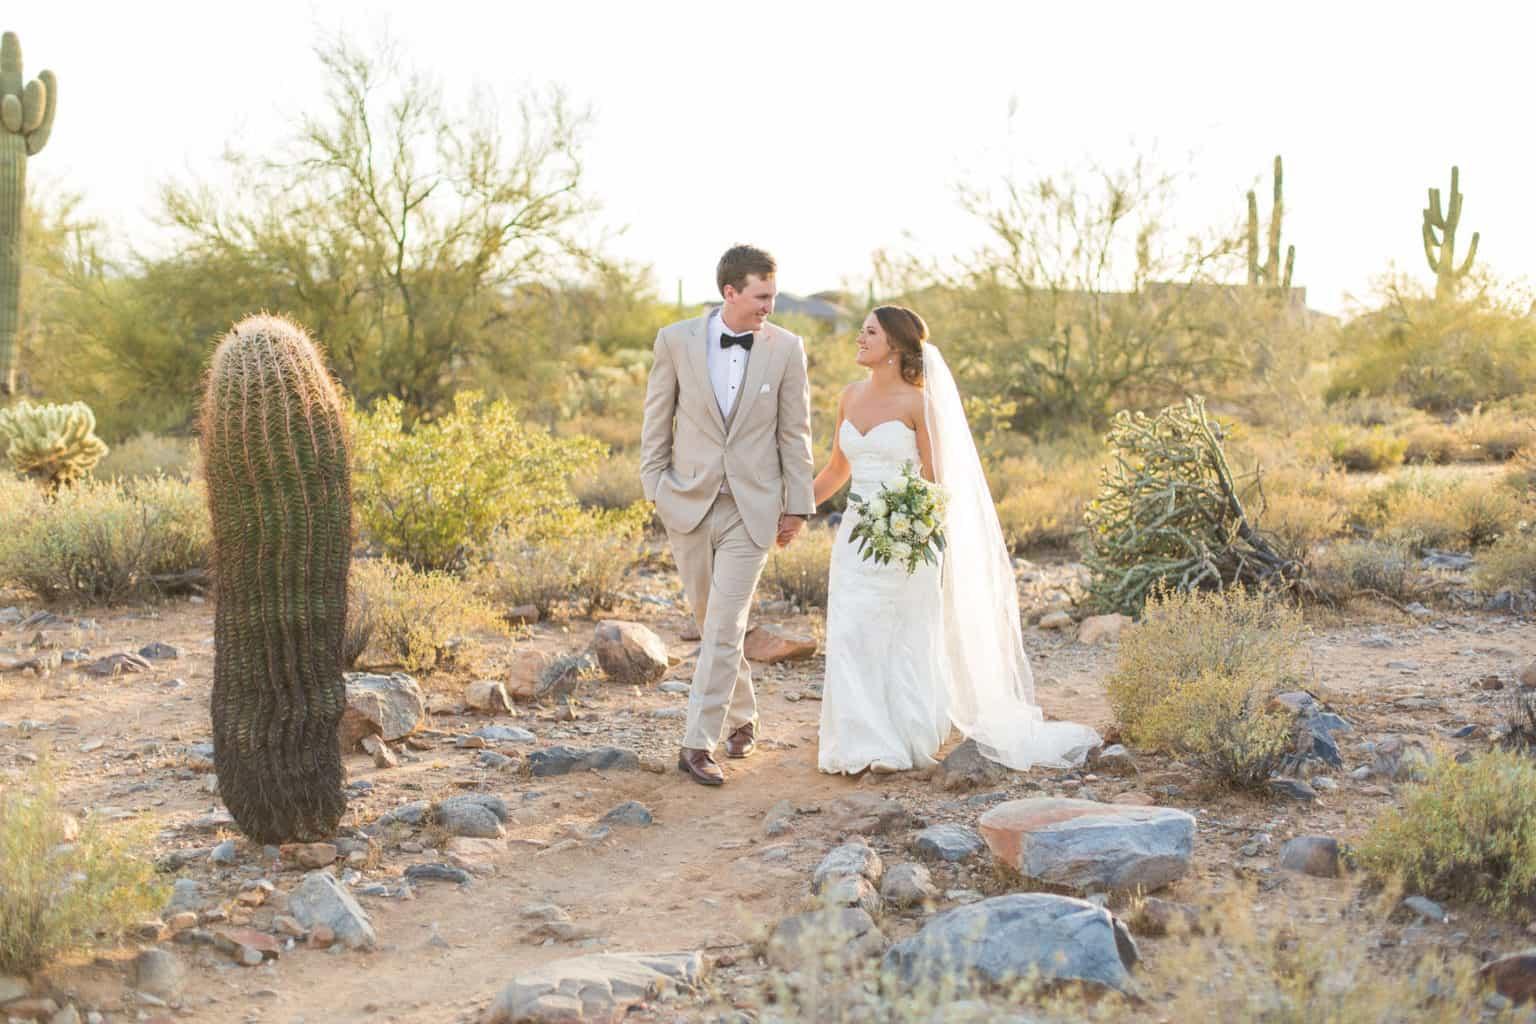 Flagstaff Wedding Photographer, Sedona Wedding Photographer, Phoenix Wedding Photographer